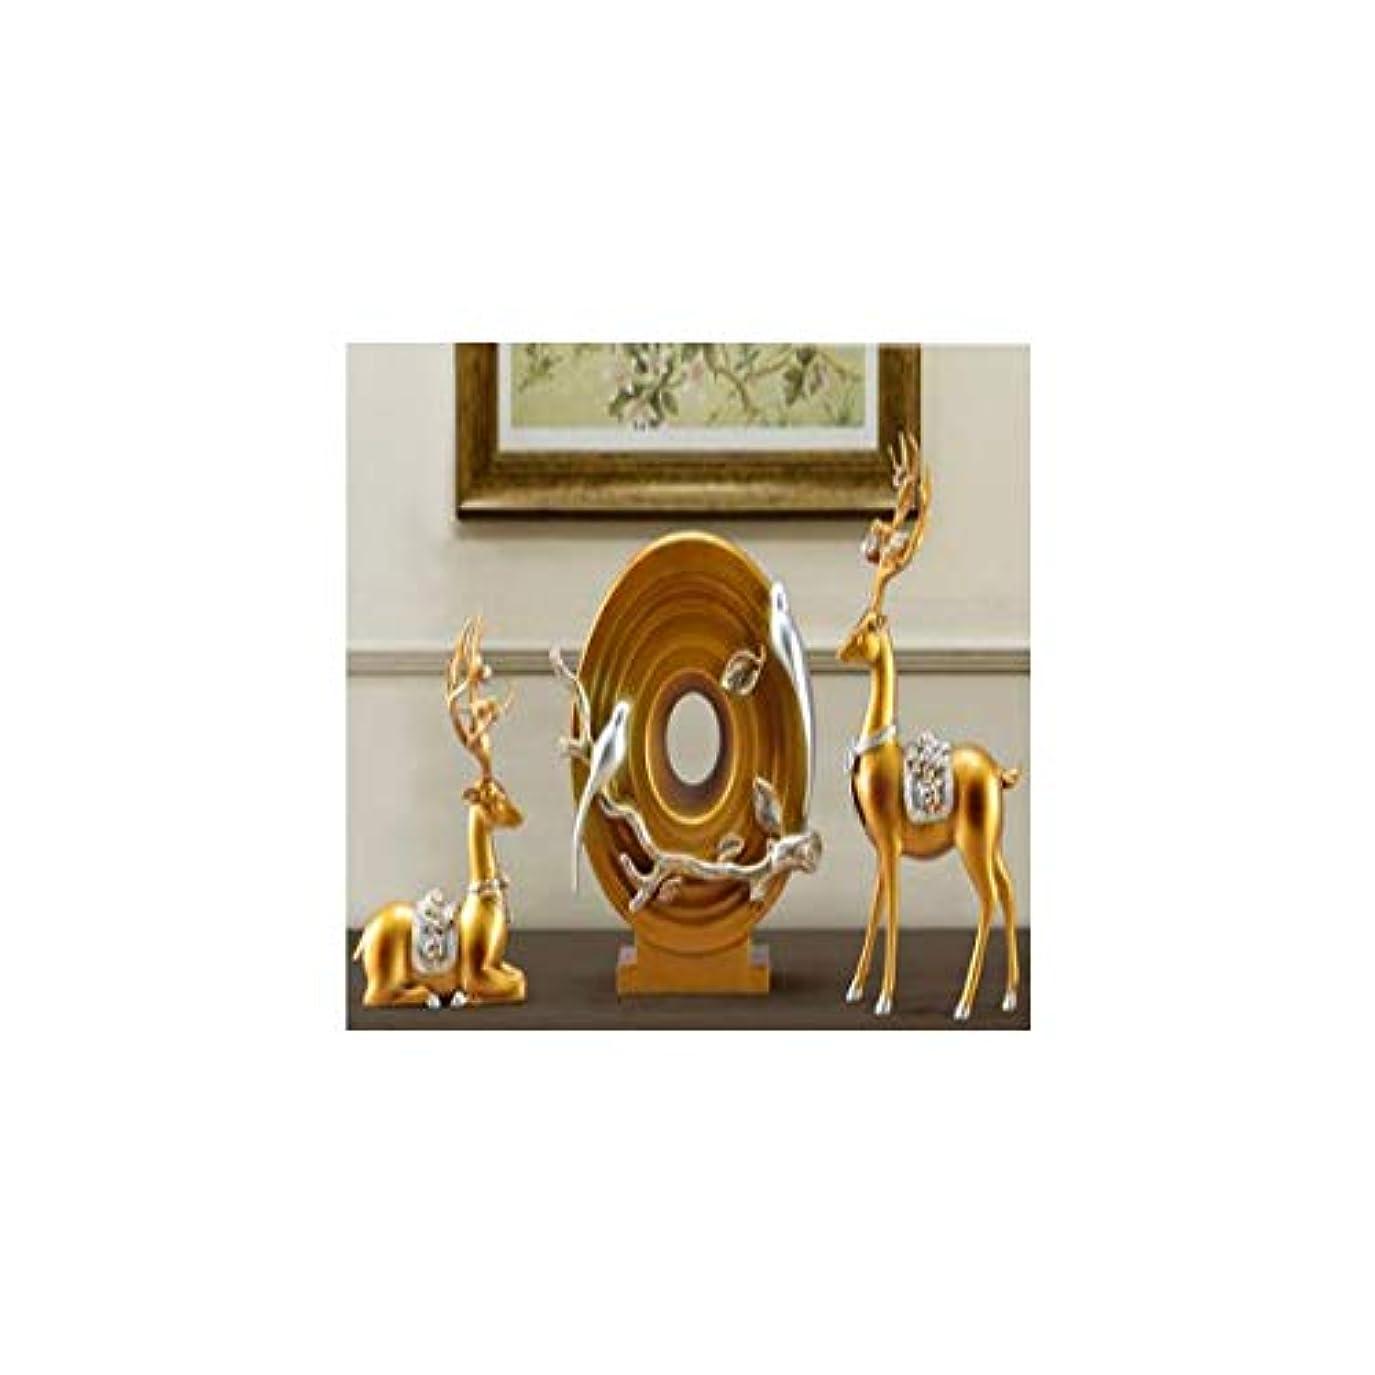 開始みぞれマーキーGaoxingbianlidian001 クリエイティブアメリカン鹿の装飾品花瓶リビングルーム新しい家の結婚式のギフトワインキャビネットテレビキャビネットホームソフト装飾家具,楽しいホリデーギフト (Color : B)